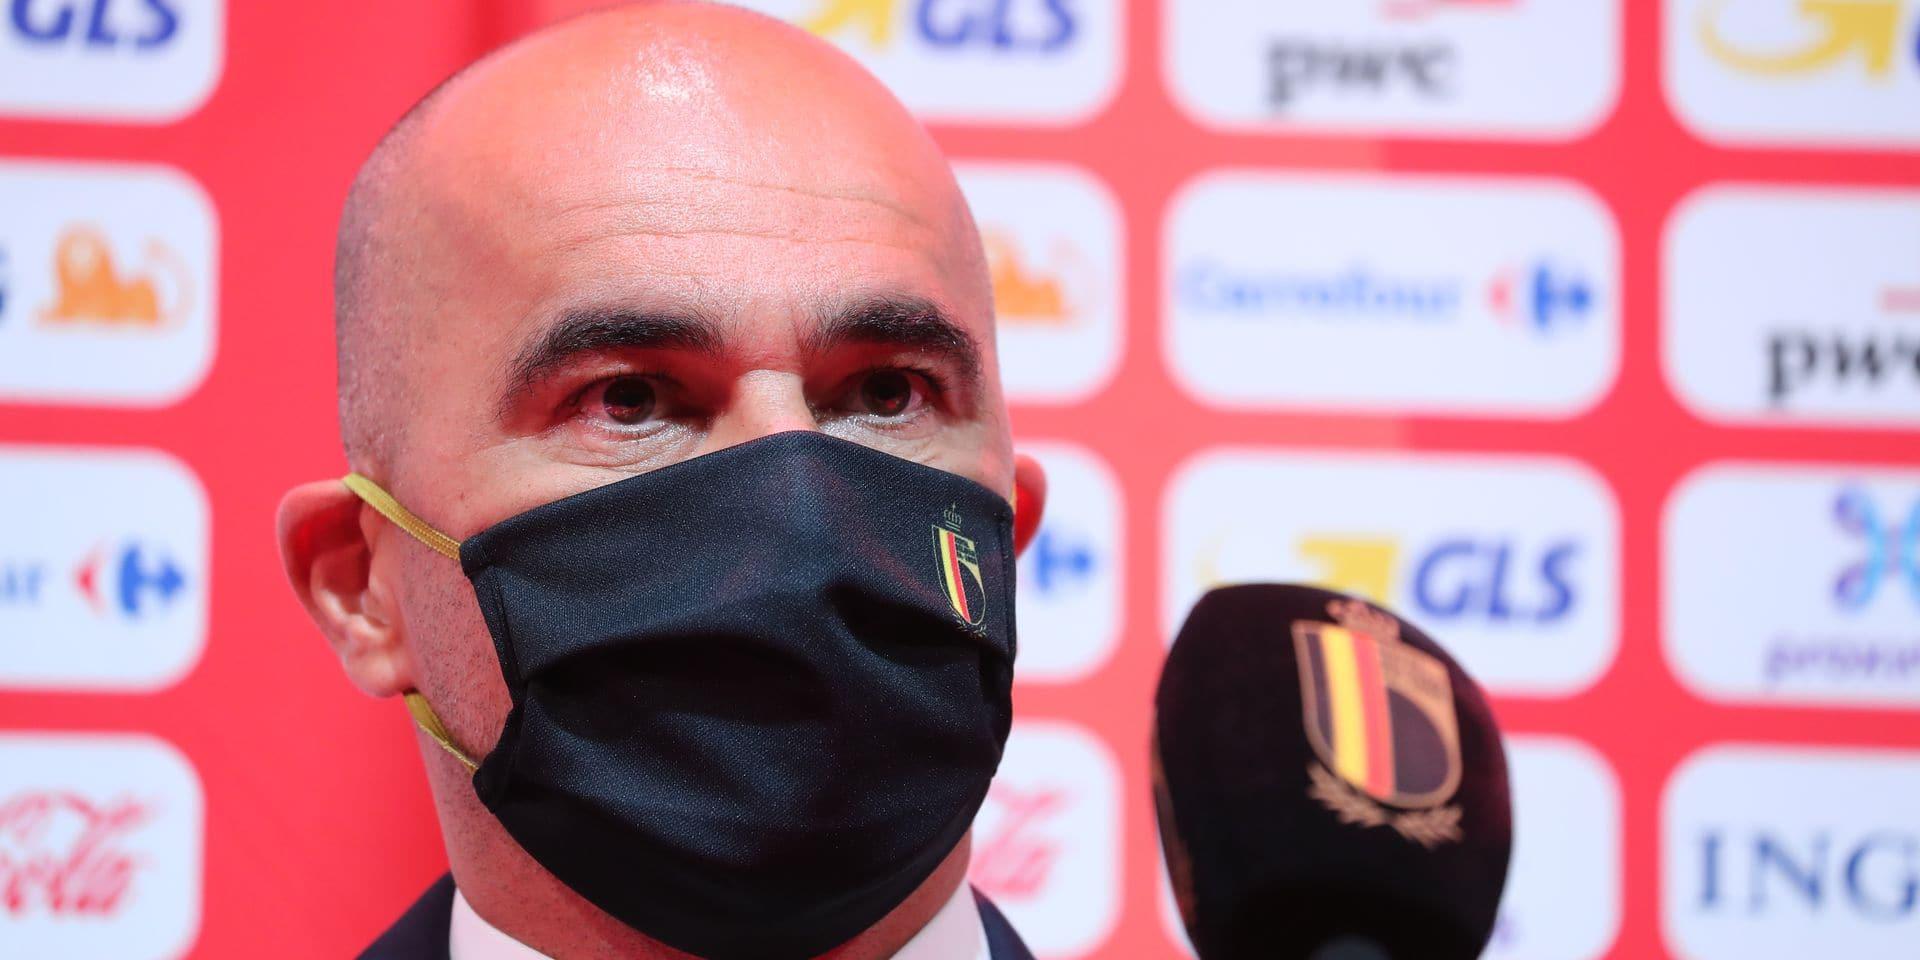 Cinq Mauves dans la sélection de Martinez: même retraité, Kompany crée encore la polémique